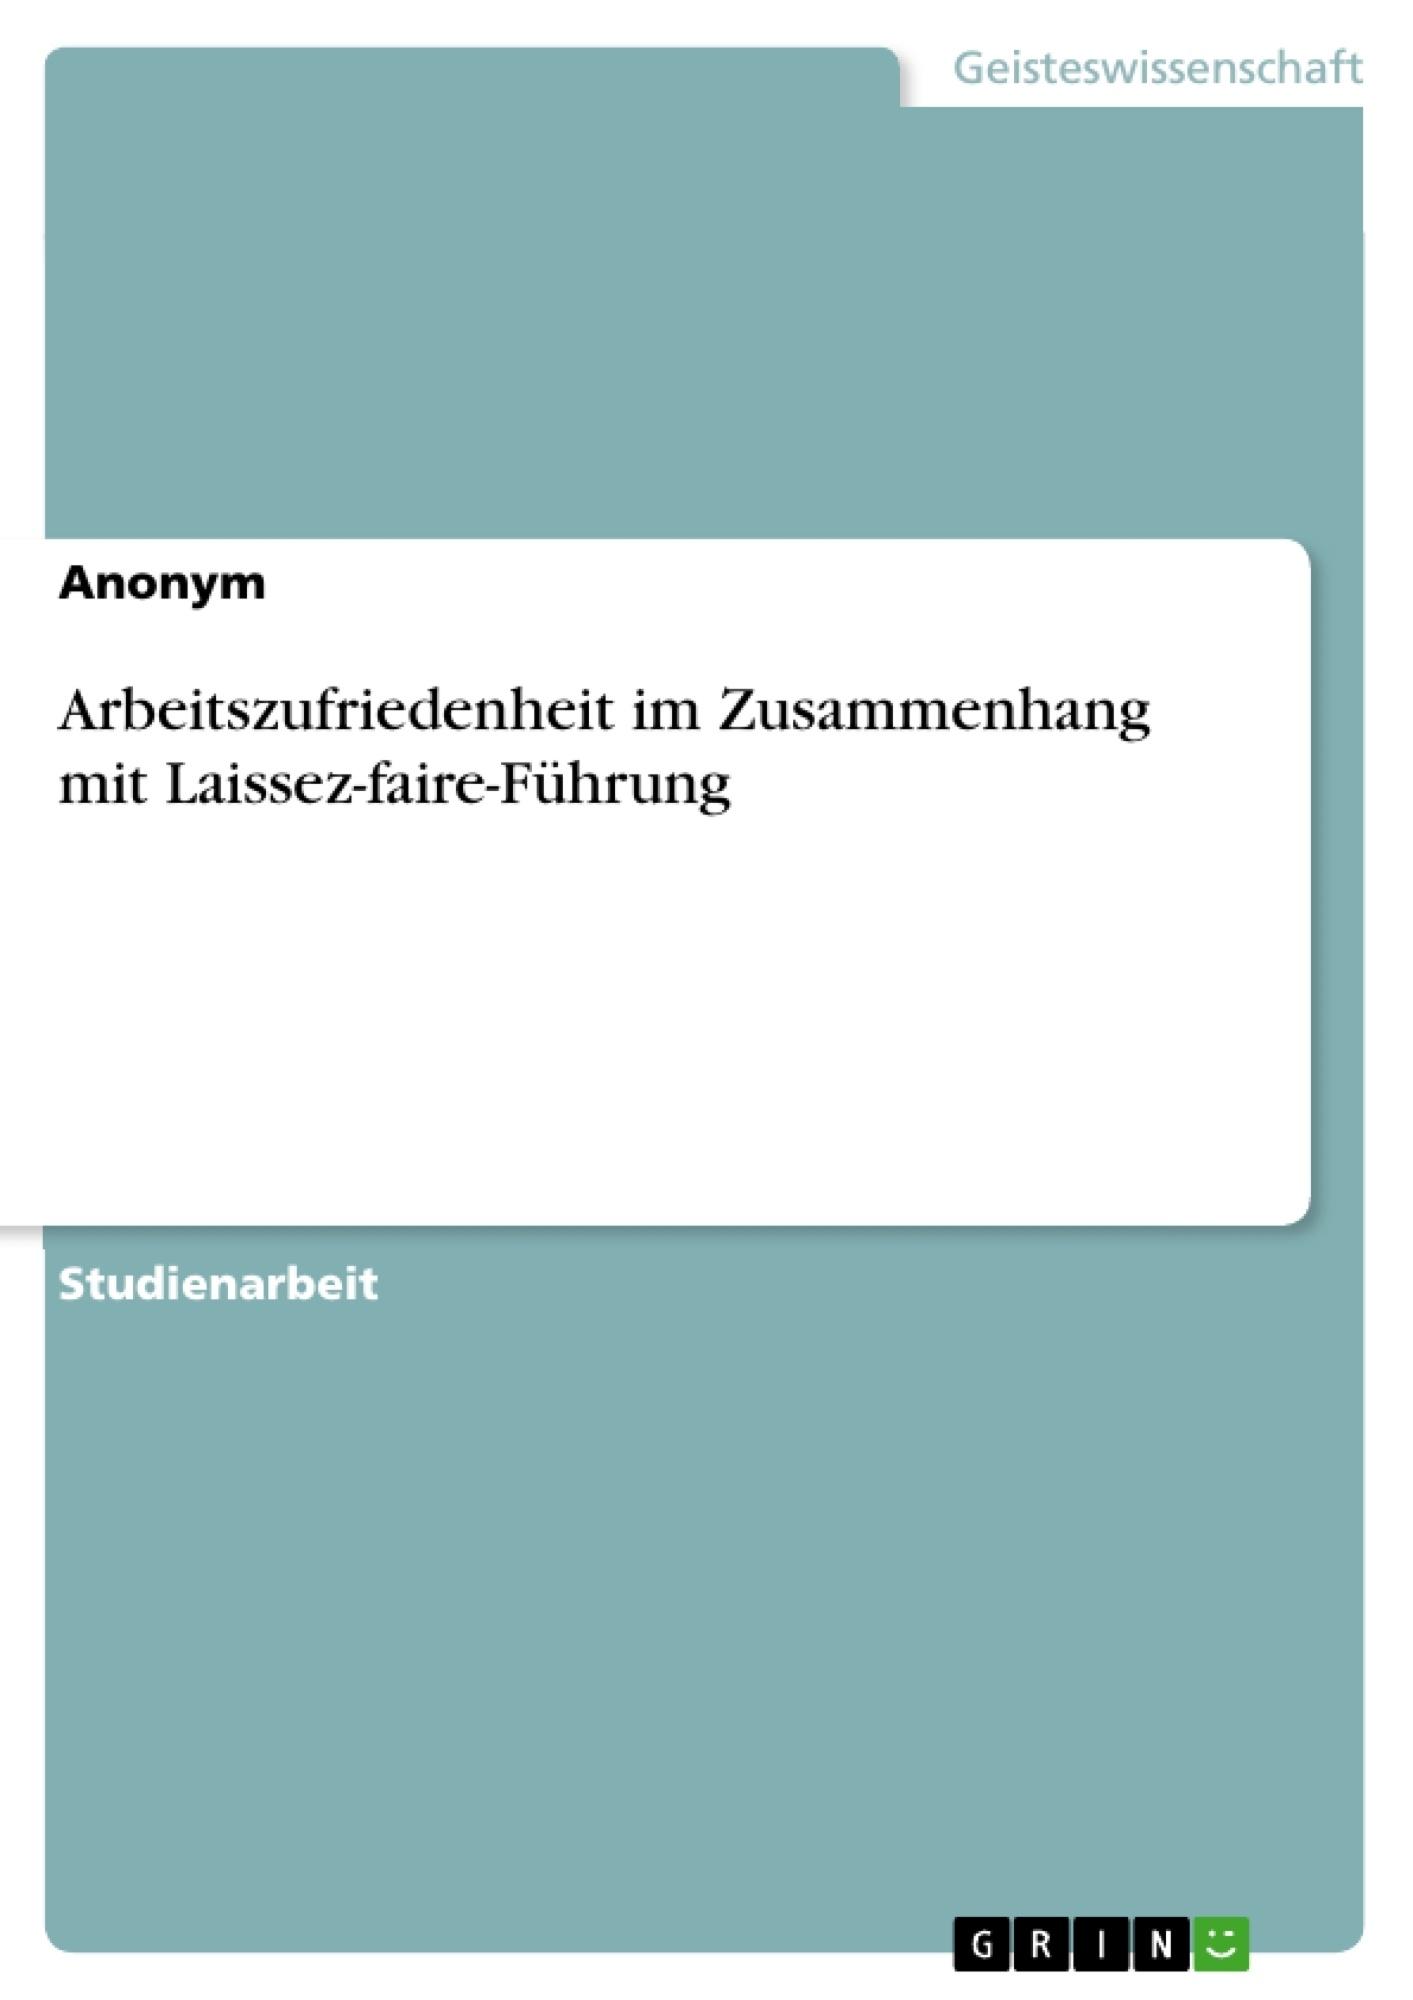 Titel: Arbeitszufriedenheit im Zusammenhang mit Laissez-faire-Führung